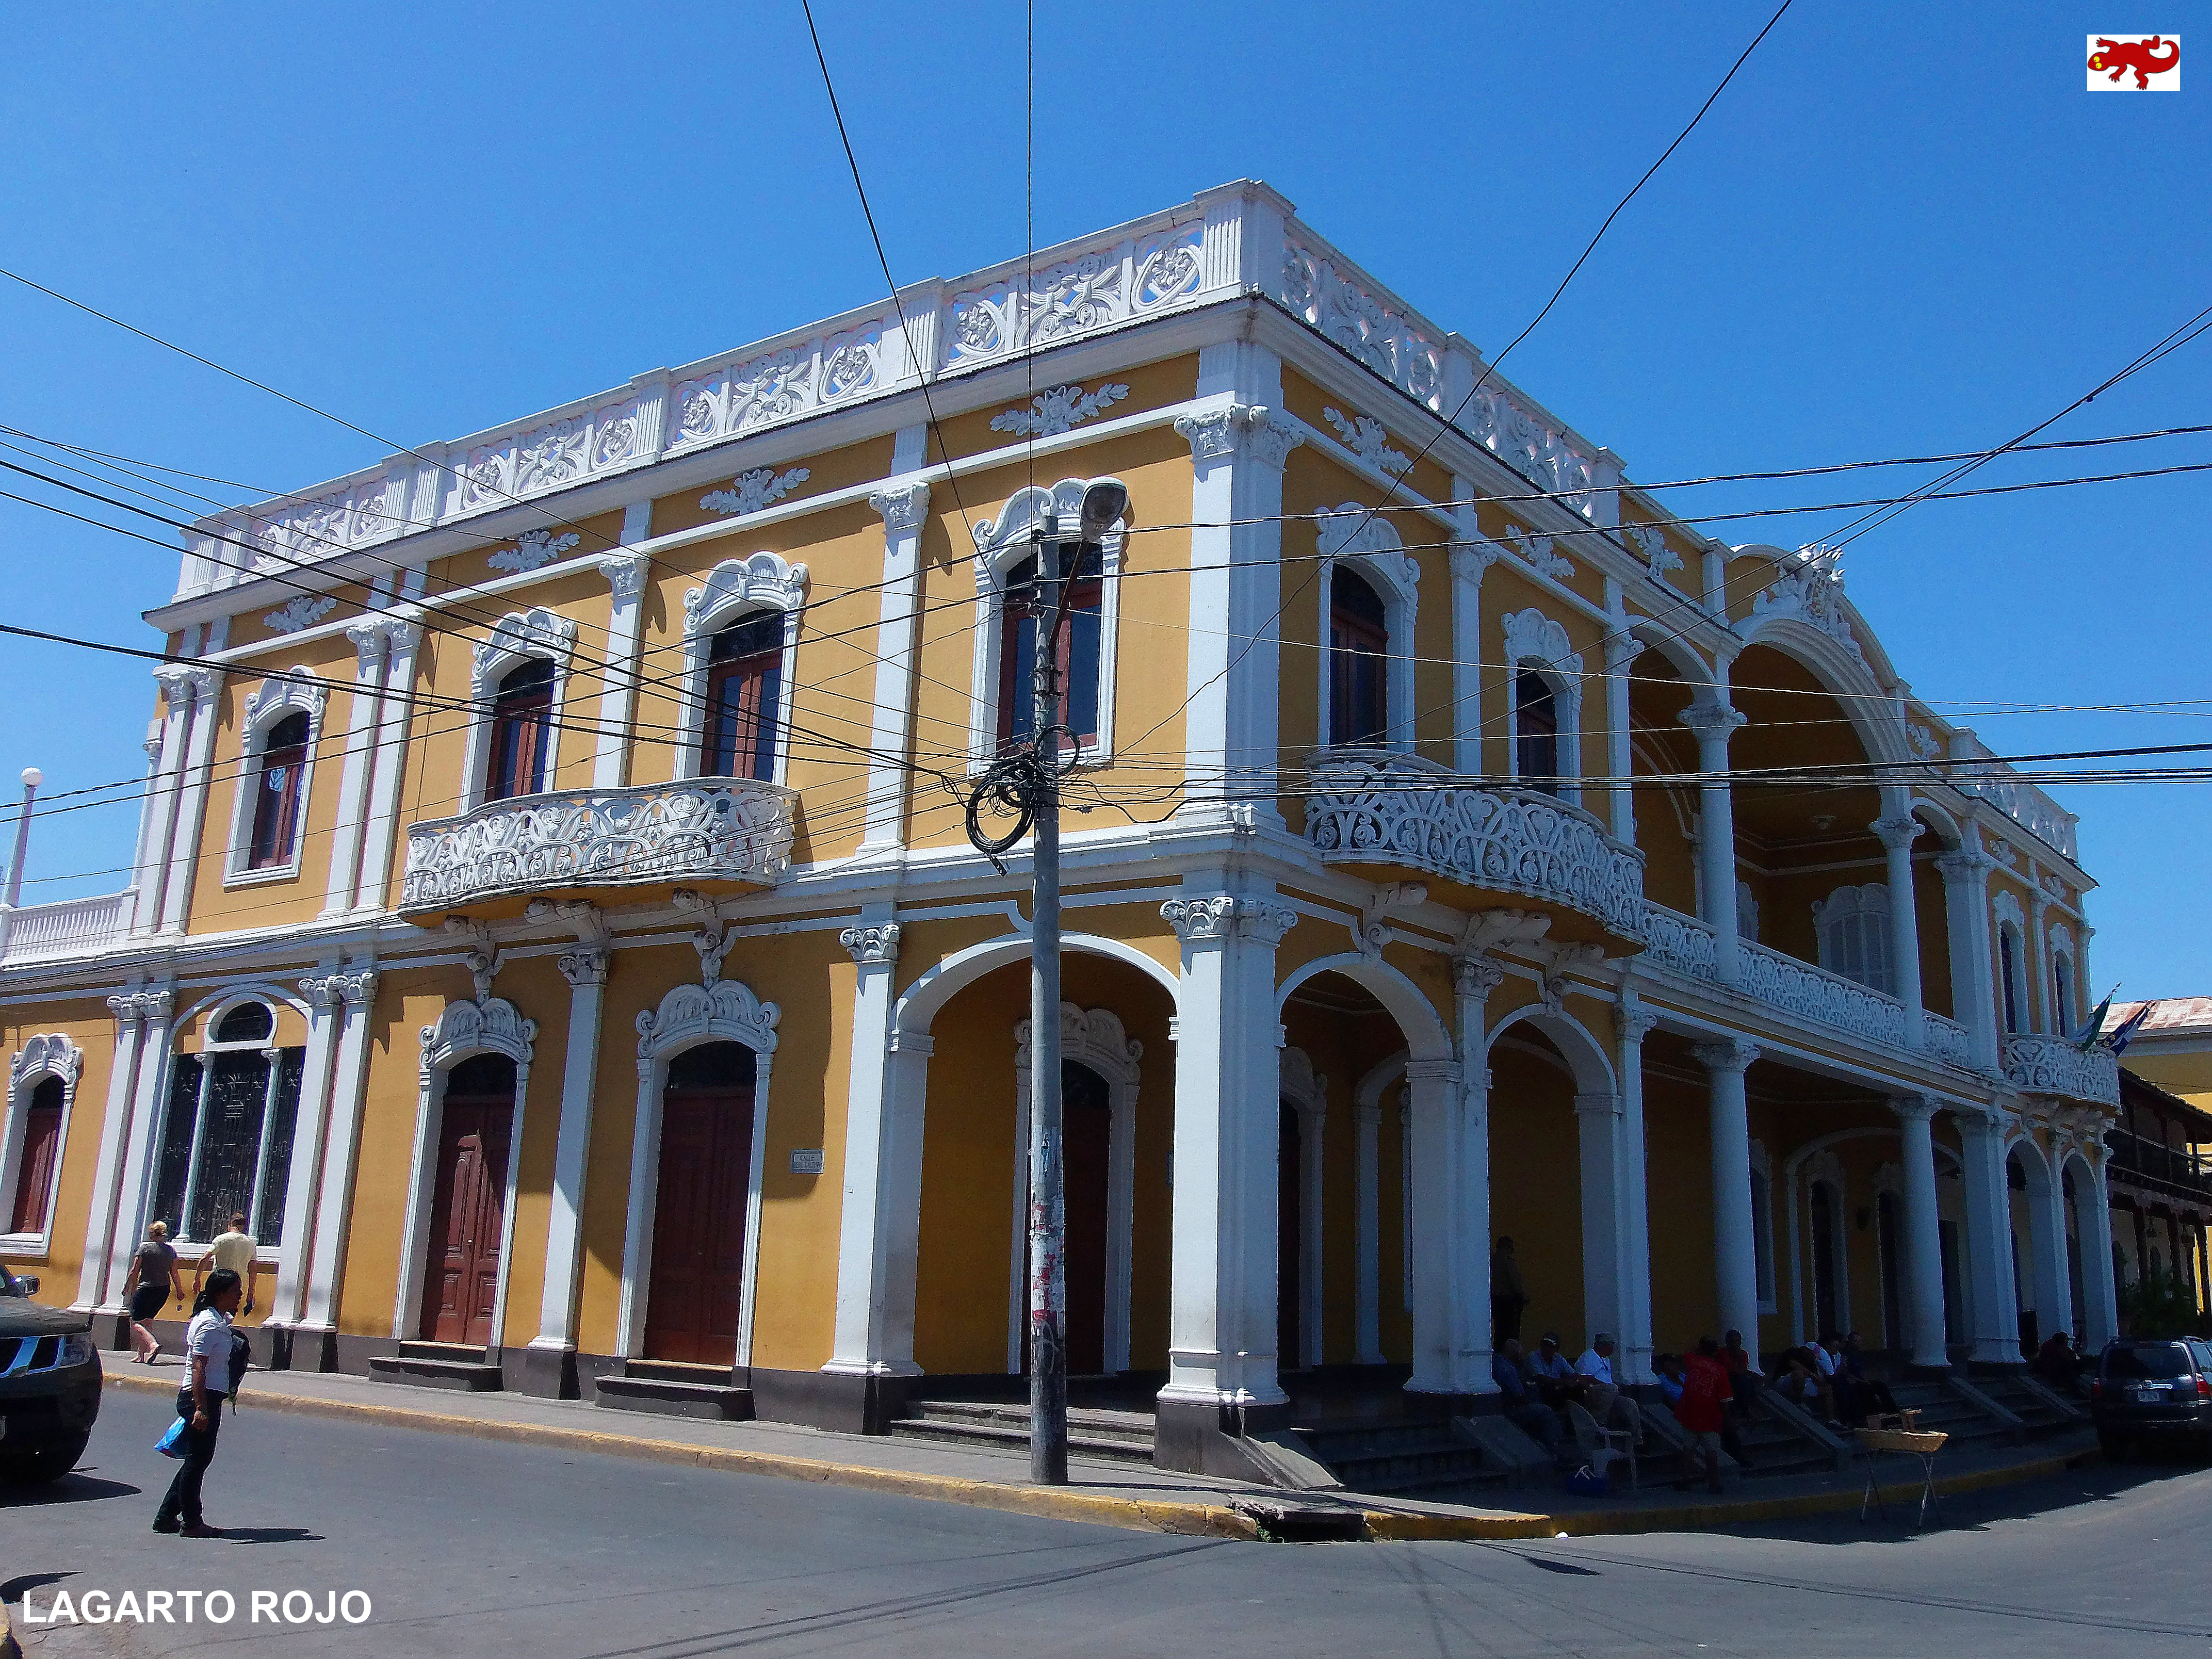 Granada la gran sultana de nicaragua lagarto rojo for La casa de granada en madrid